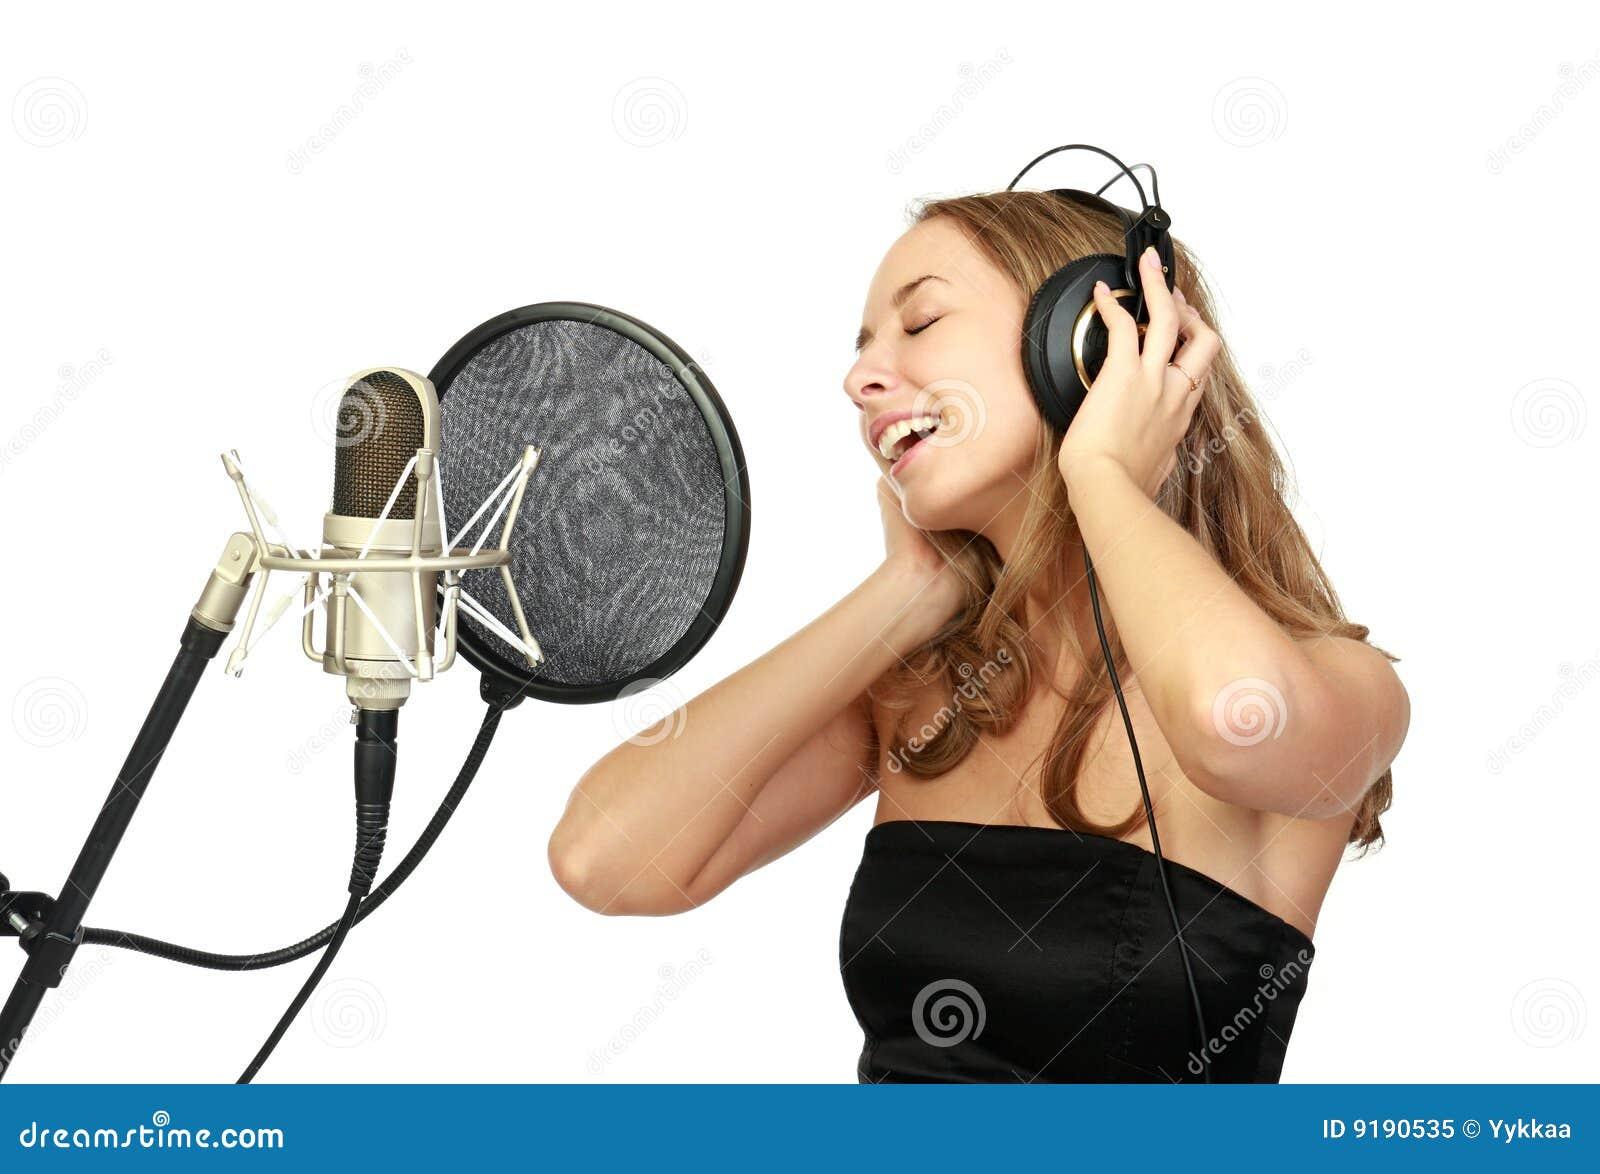 Как научиться петь в домашних условиях 25